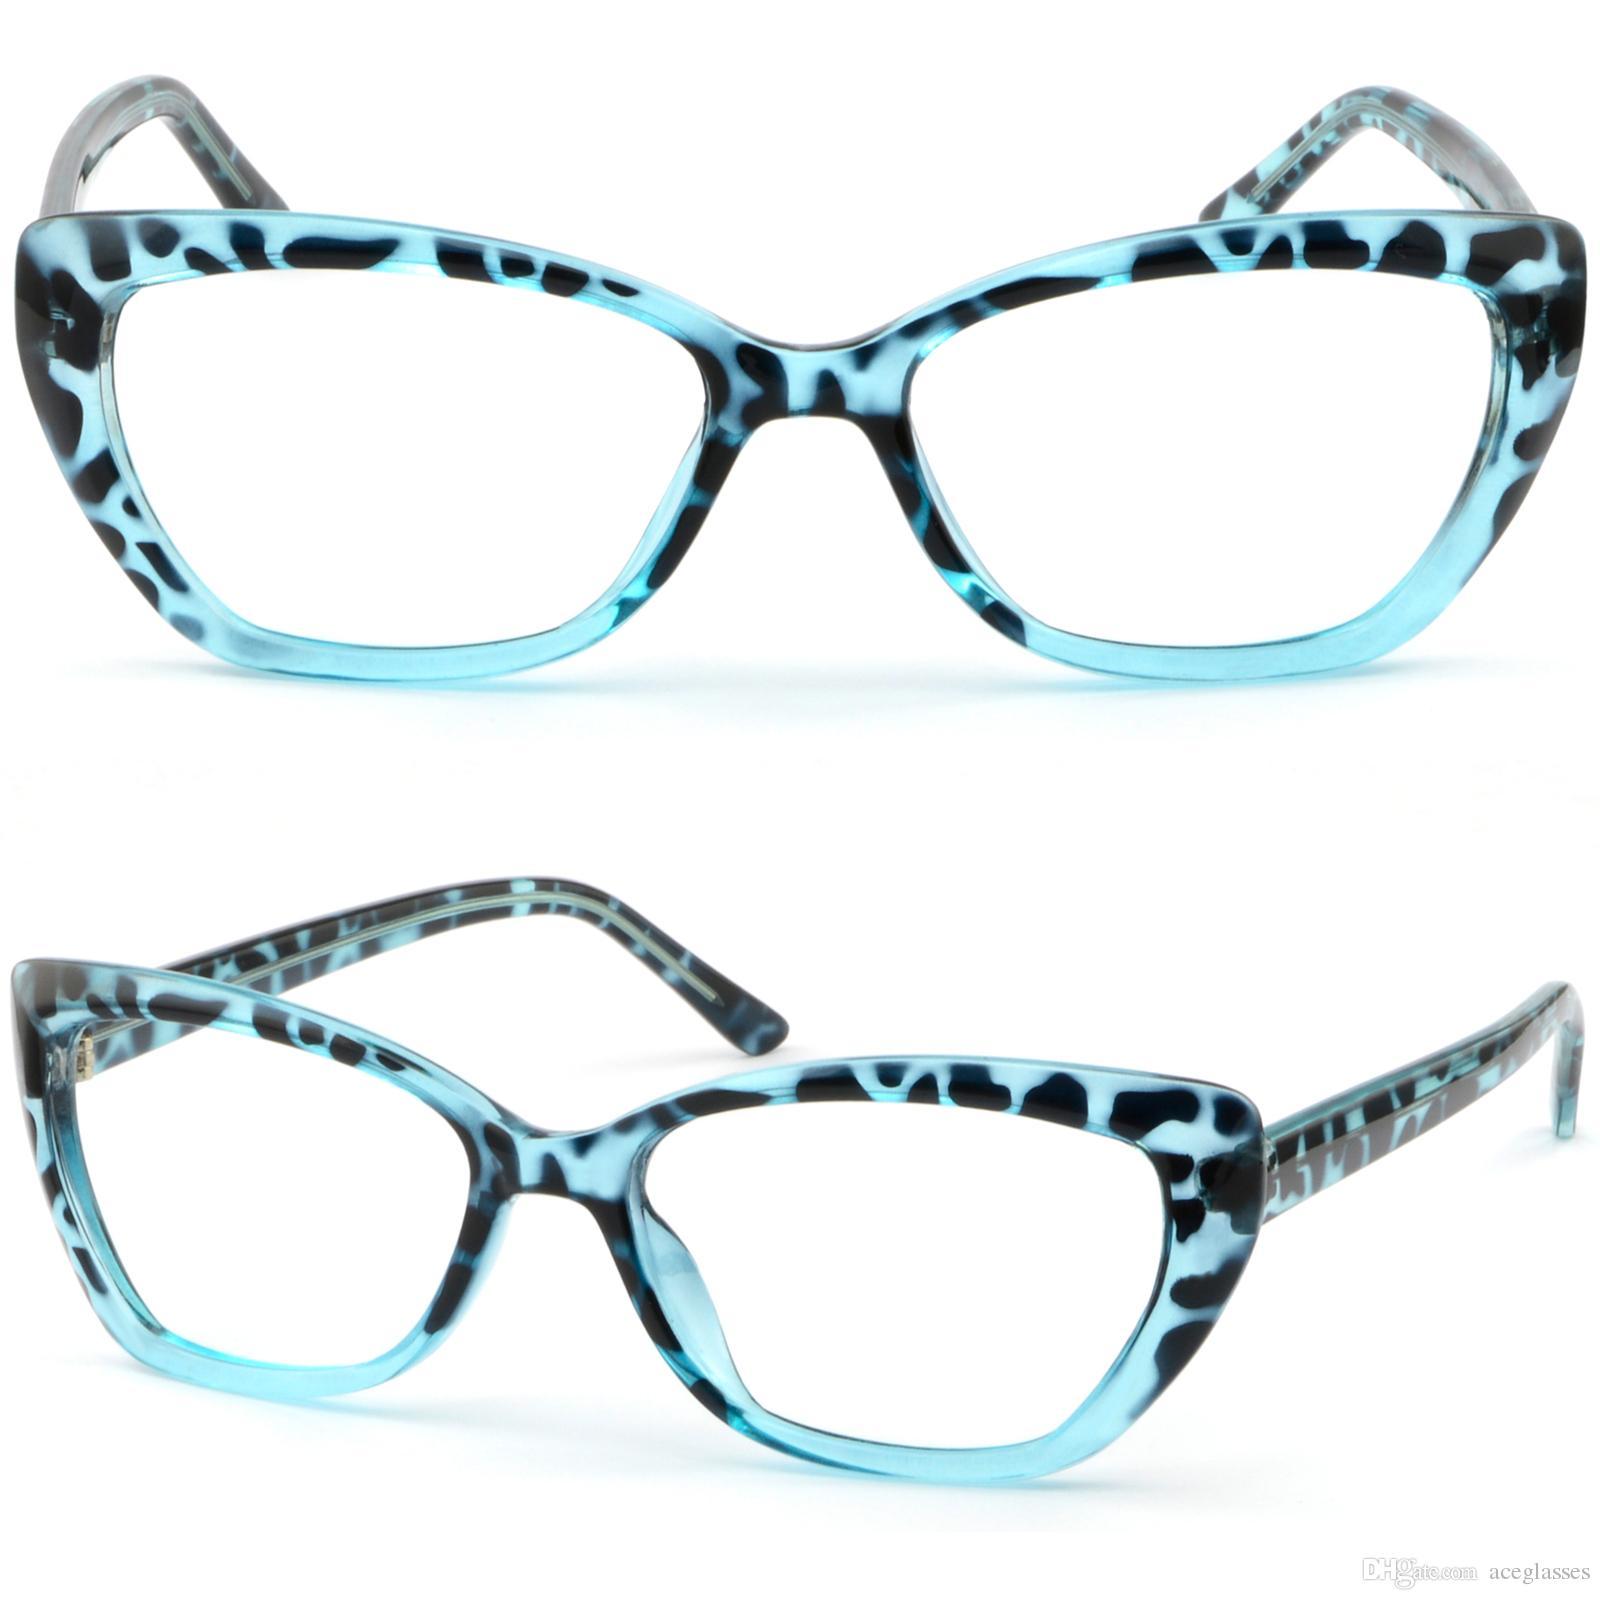 Compre Azul Claro Cateye Cat Eye Marcos De Plástico De Mujer Gafas ...